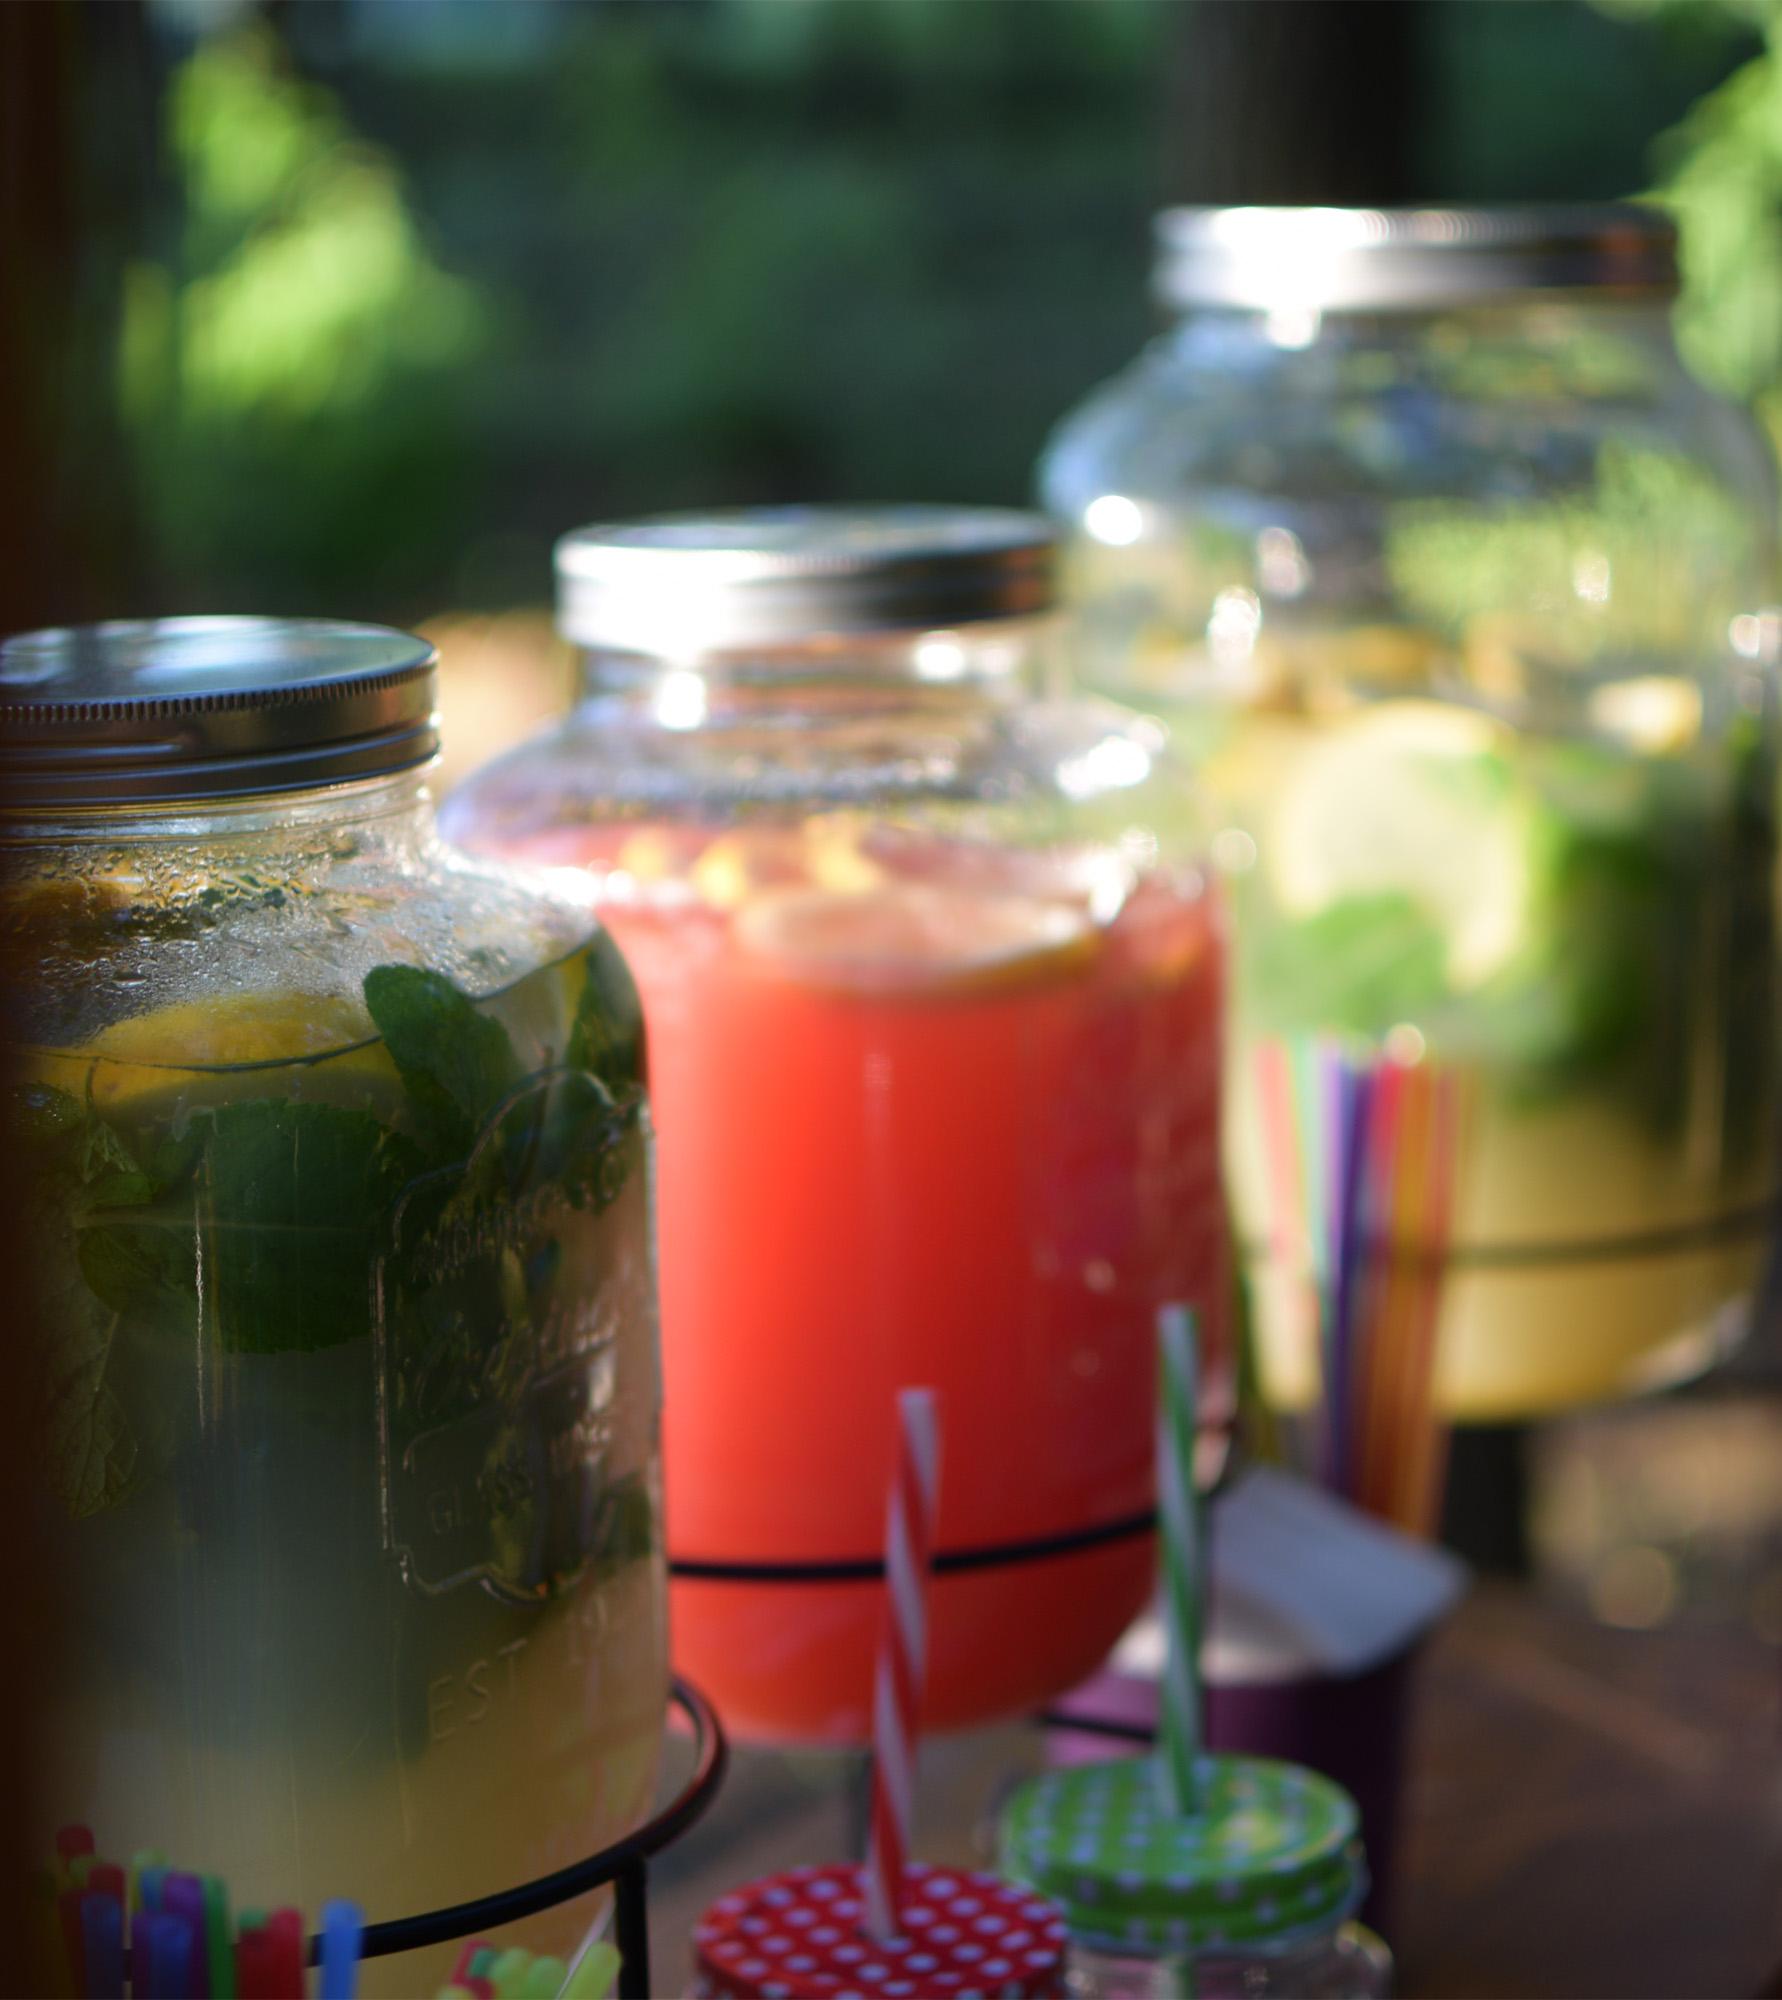 limonada delicioasa de la barblade